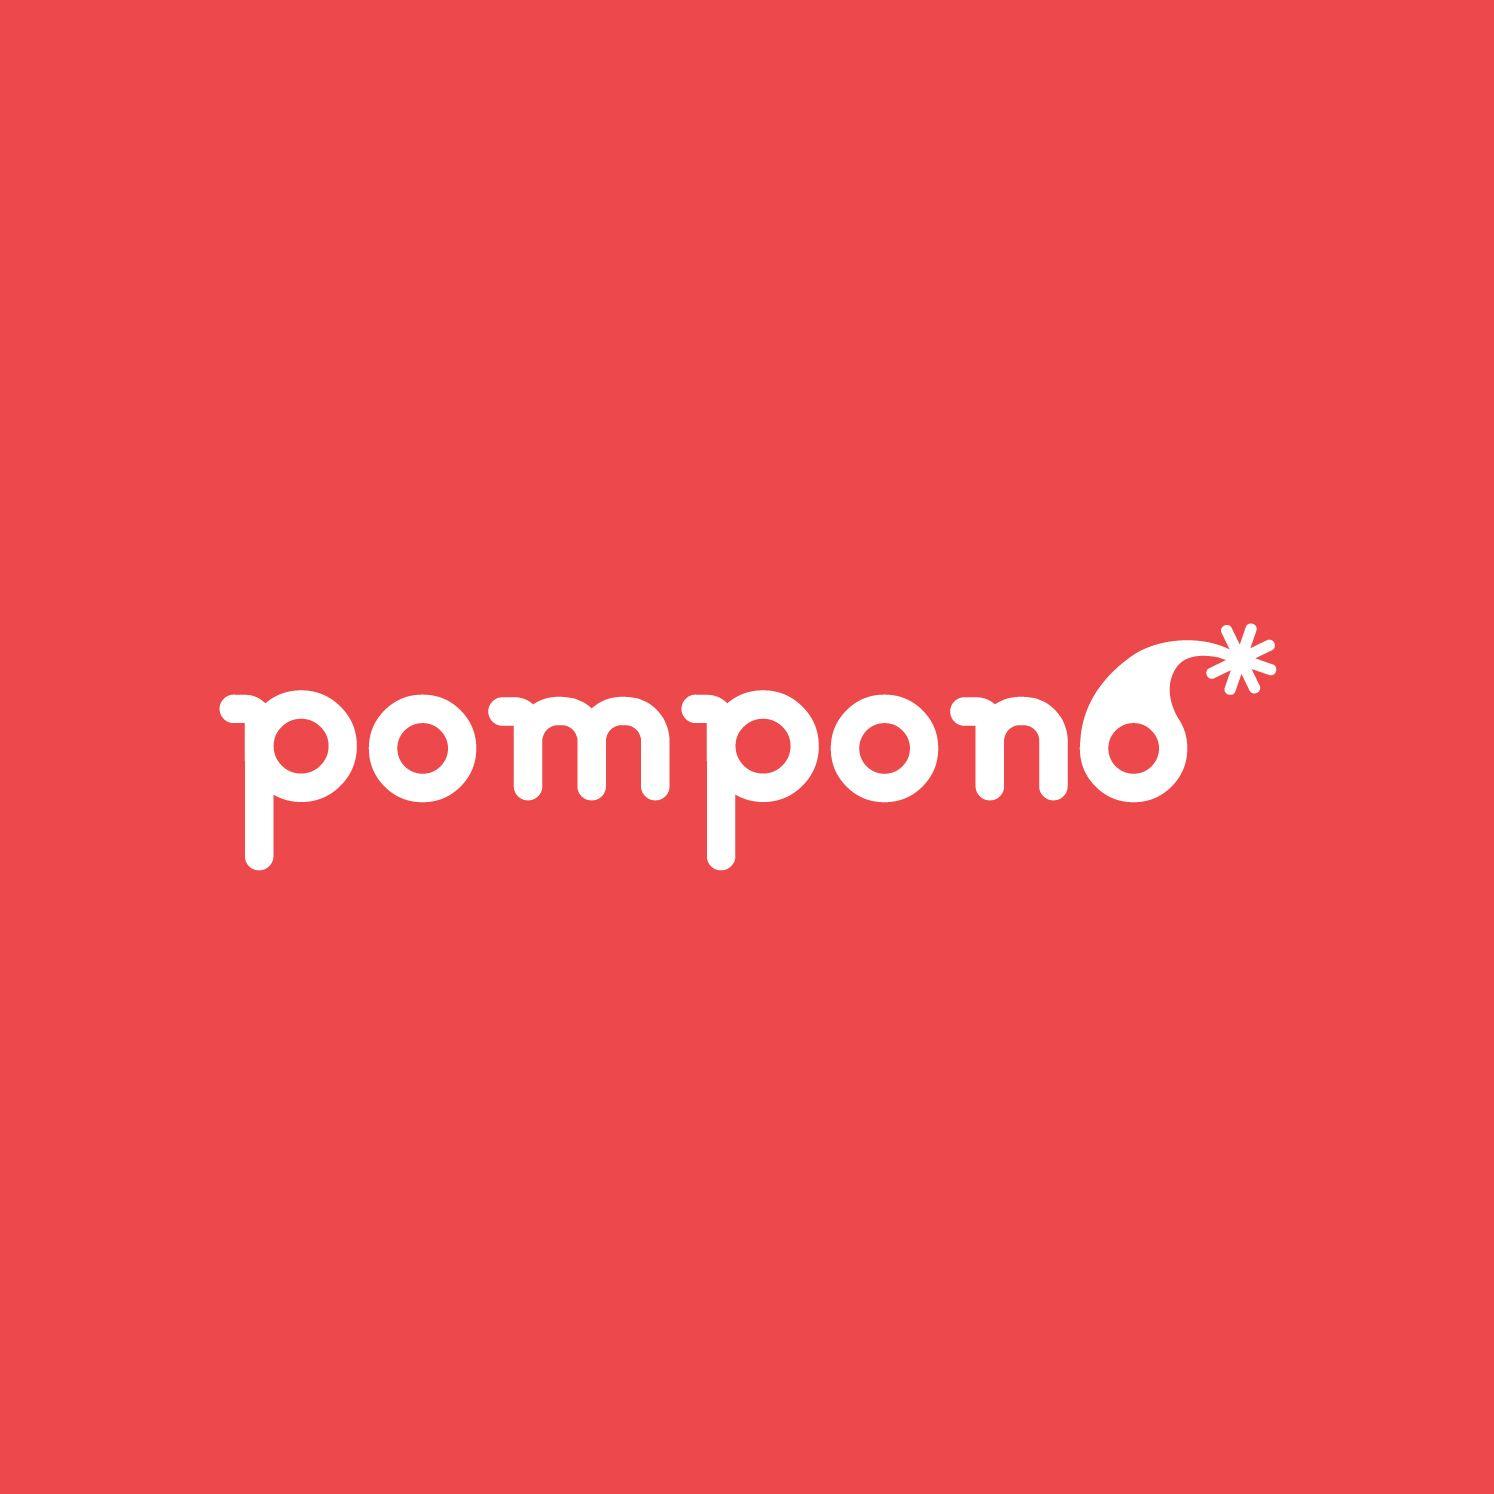 Логотип для шапок Pompono - дизайнер Allepta